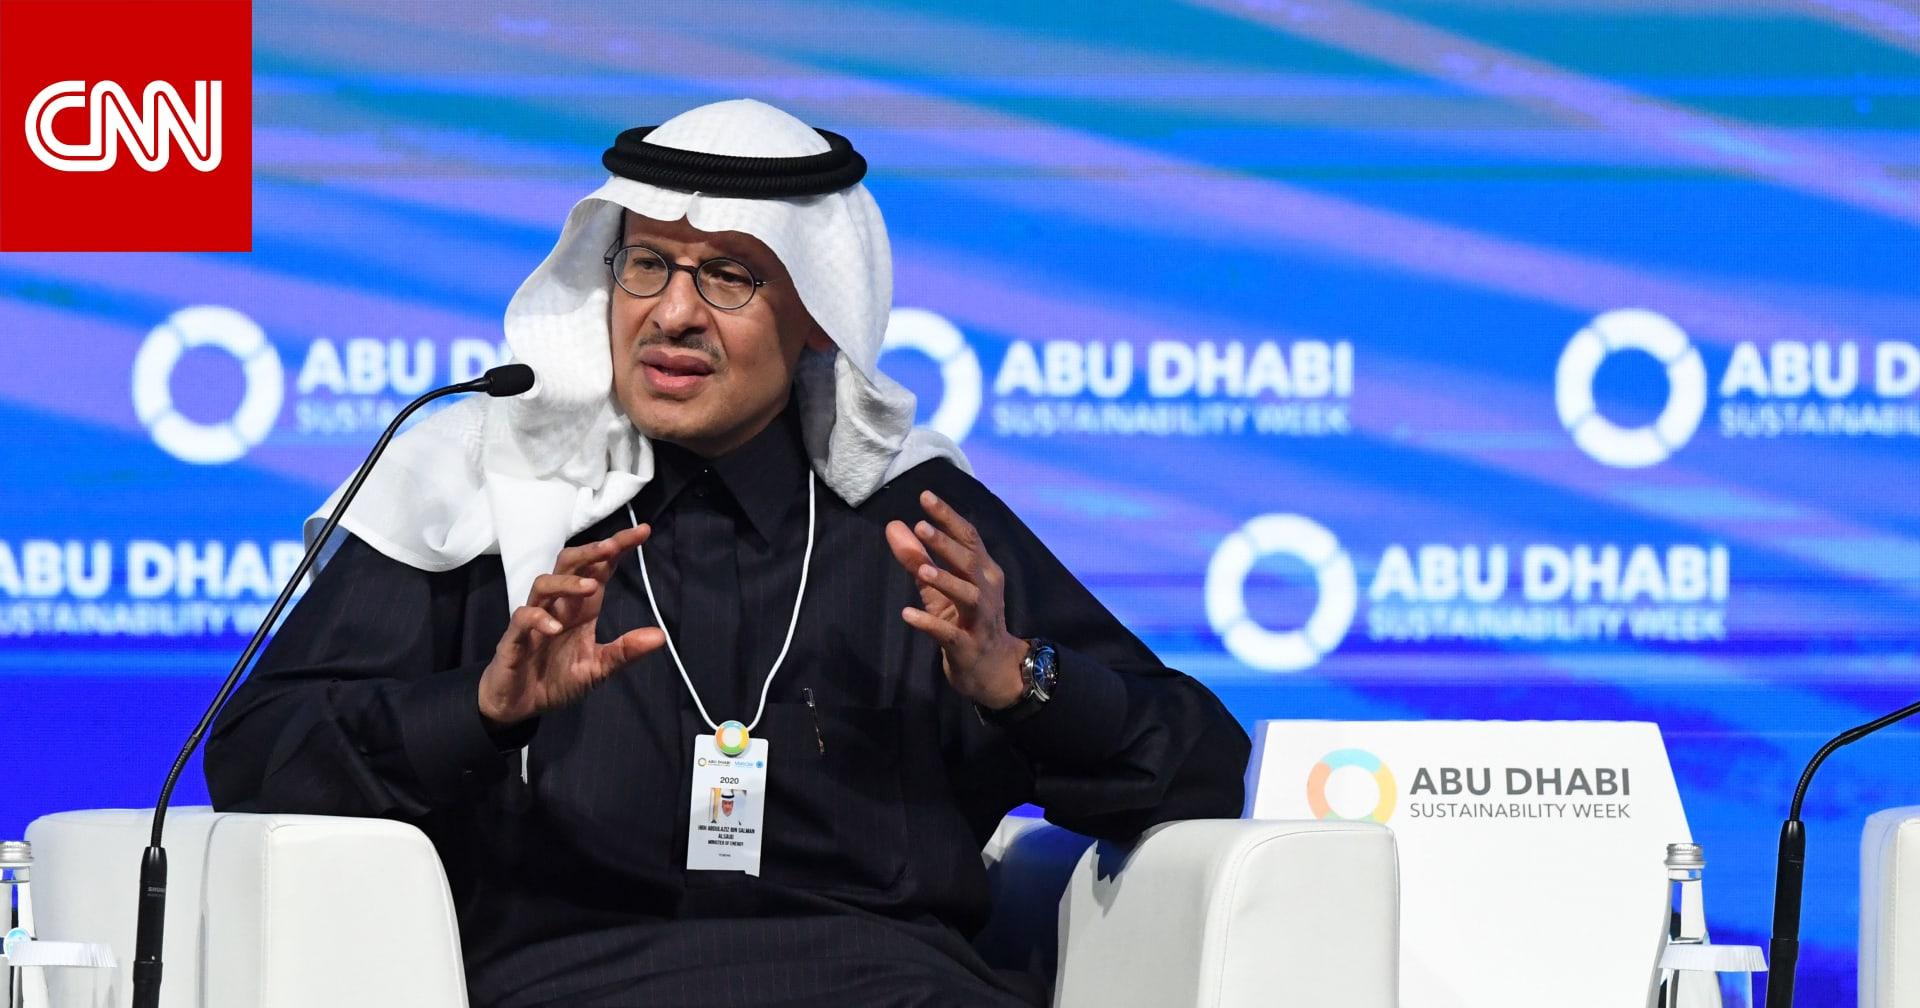 قفزة في أسعار النفط بعد تمديد أوبك + خفض الإنتاج.. ووزير الطاقة السعودي يدعو للحذر